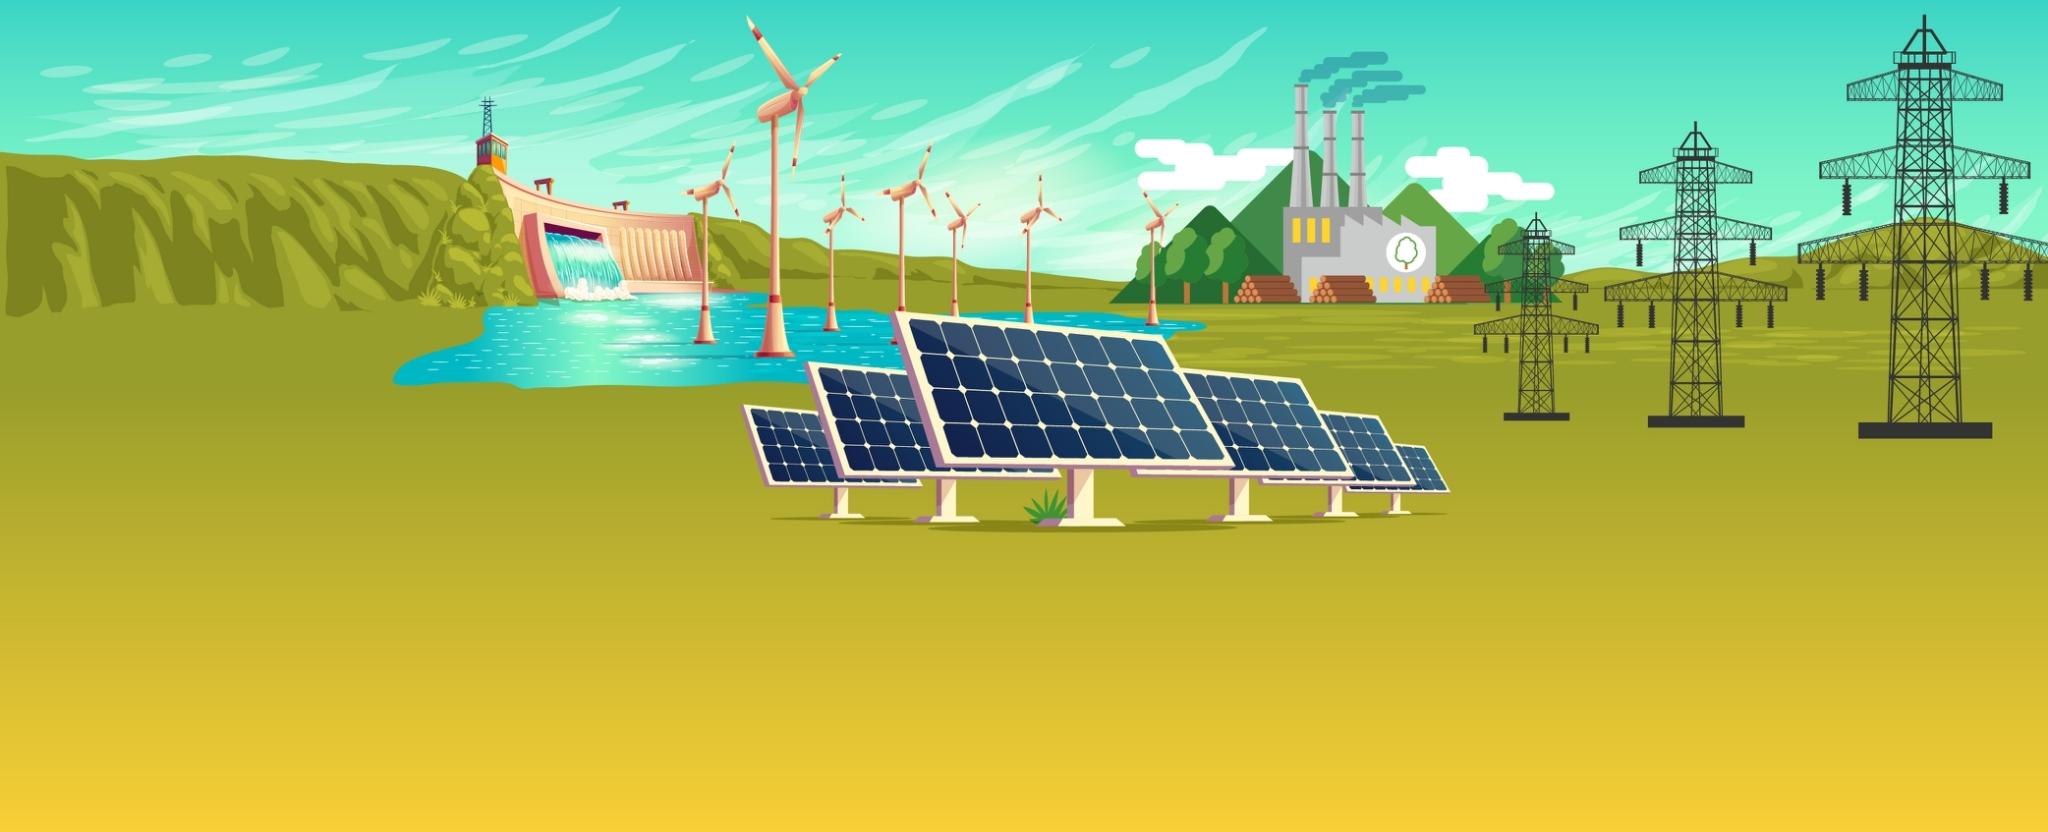 กระทรวงพลังงานแย้มแผนพลังงานแห่งชาติไร้โรงไฟฟ้าถ่านหินใหม่